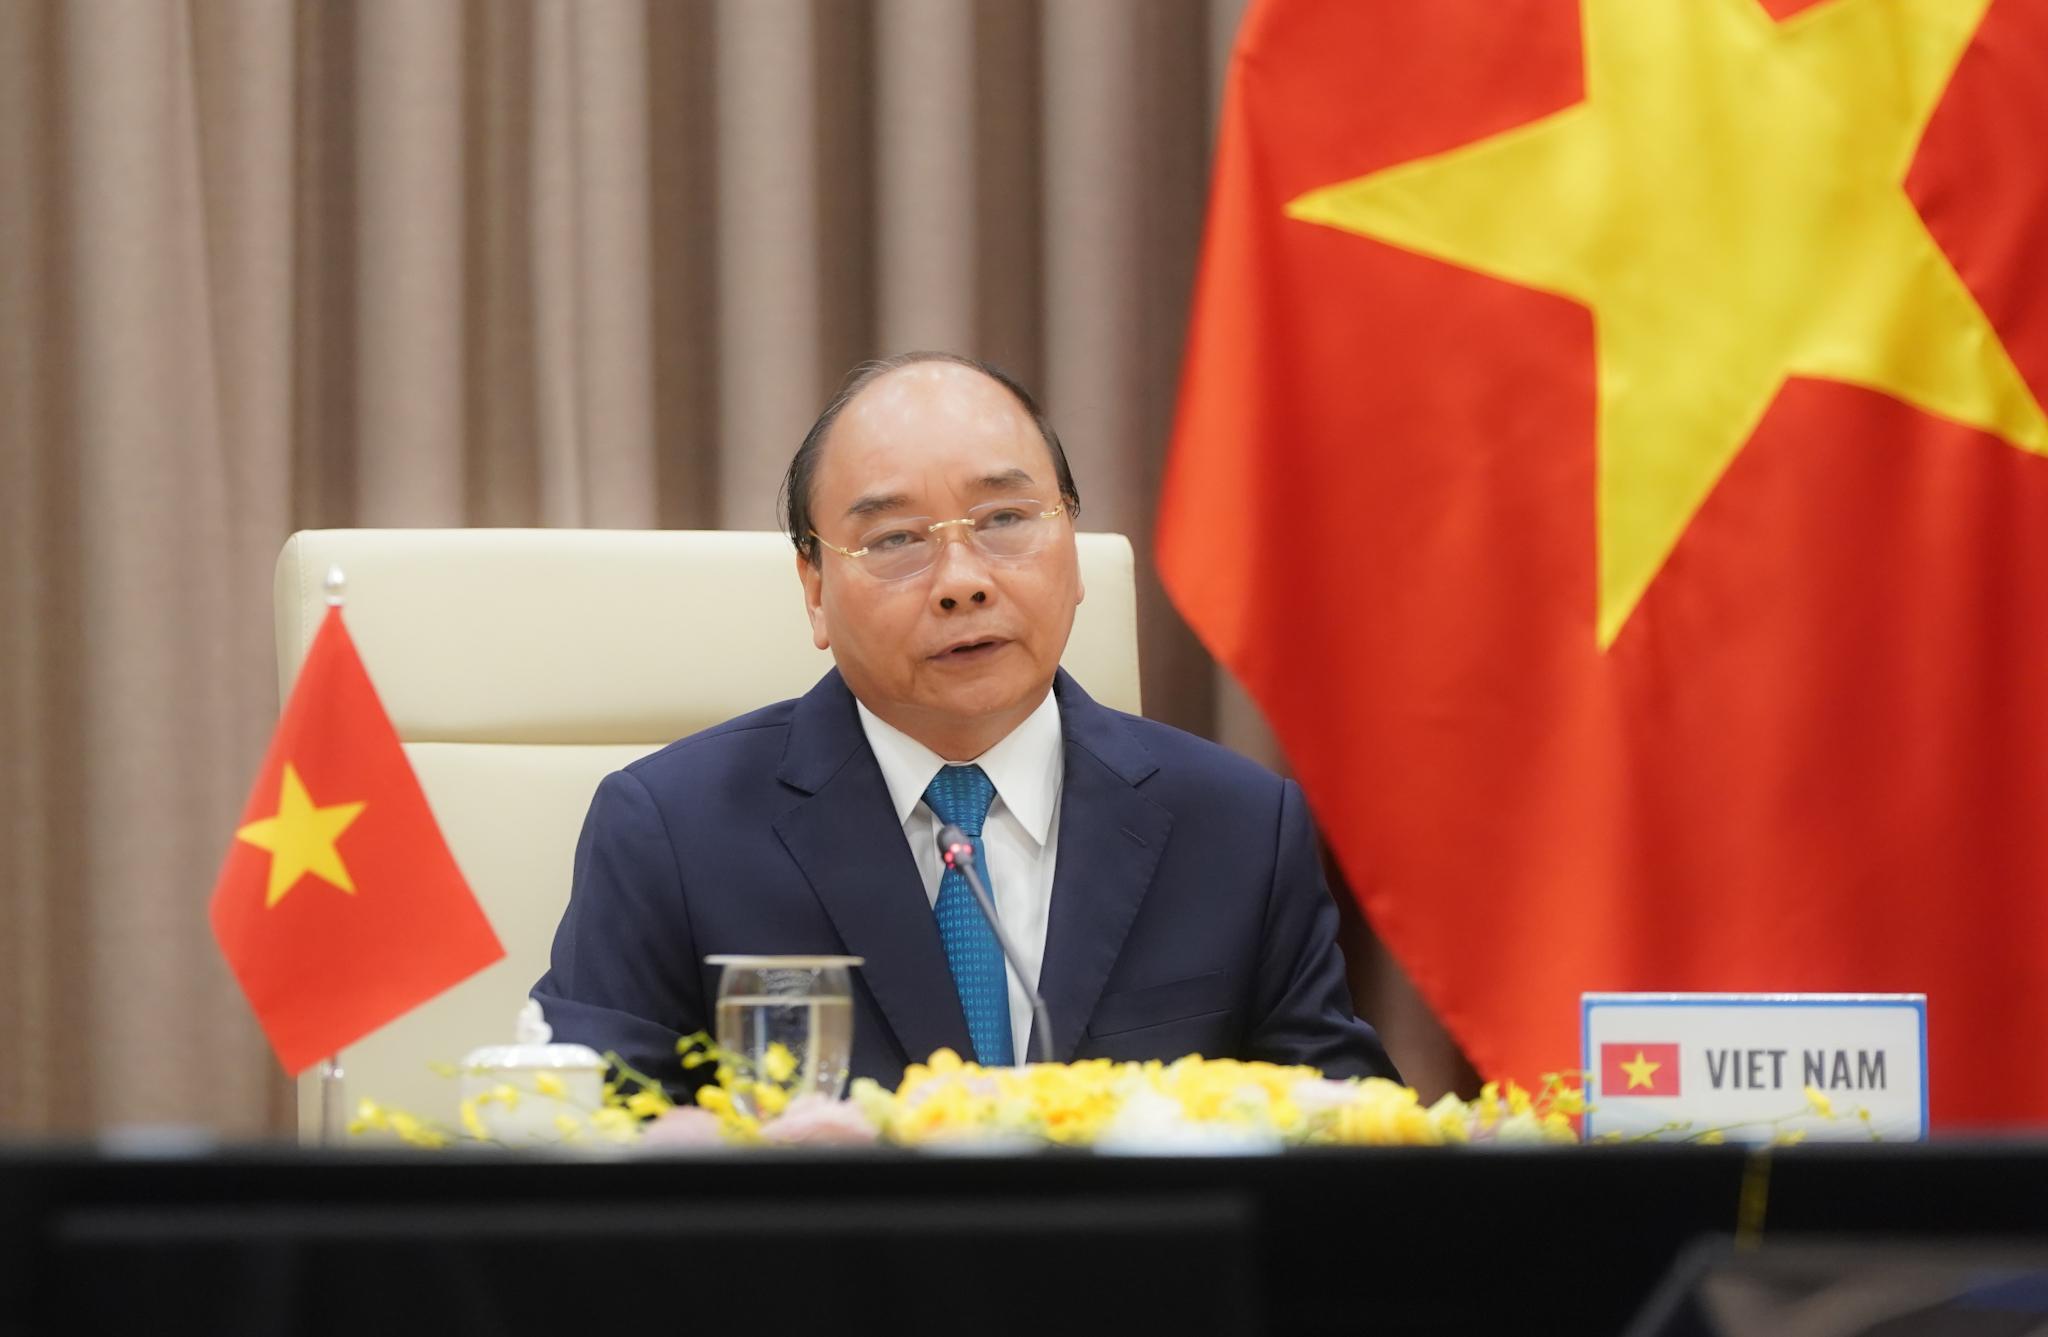 Thủ tướng Tăng cường đoàn kết quốc tế trong ứng phó với đại dịch COVID-19